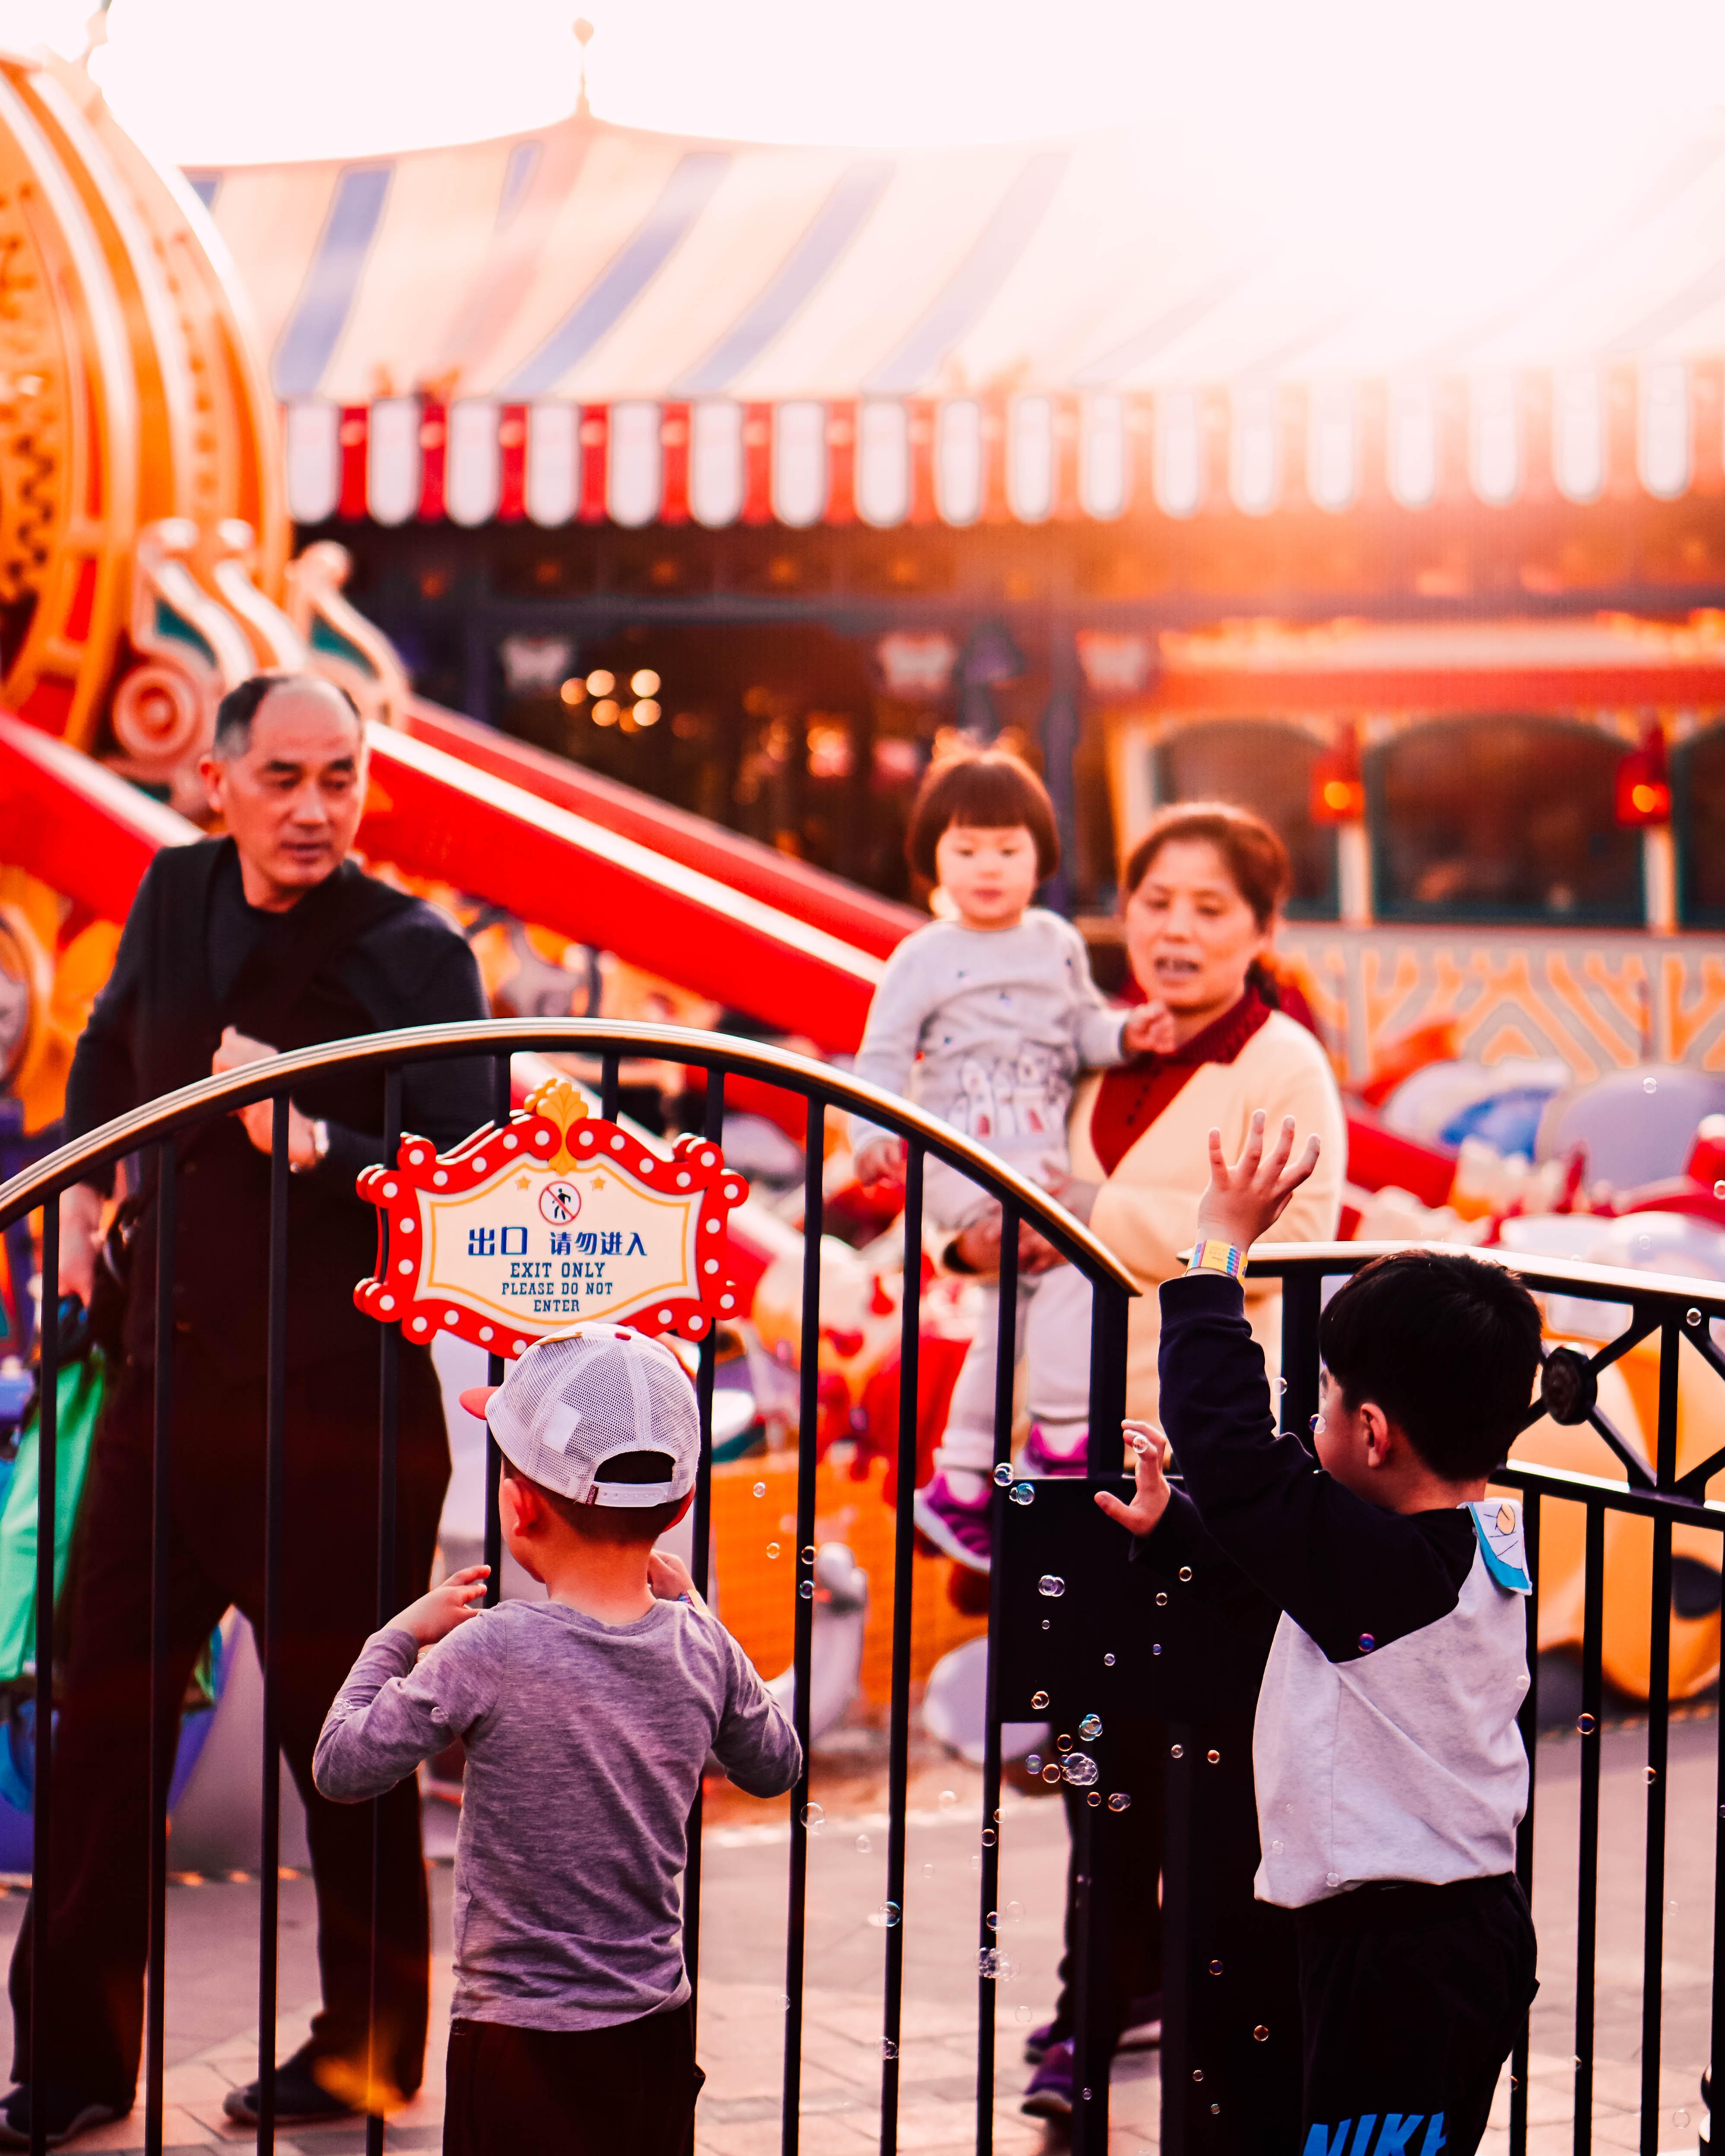 kids beside black steel gate